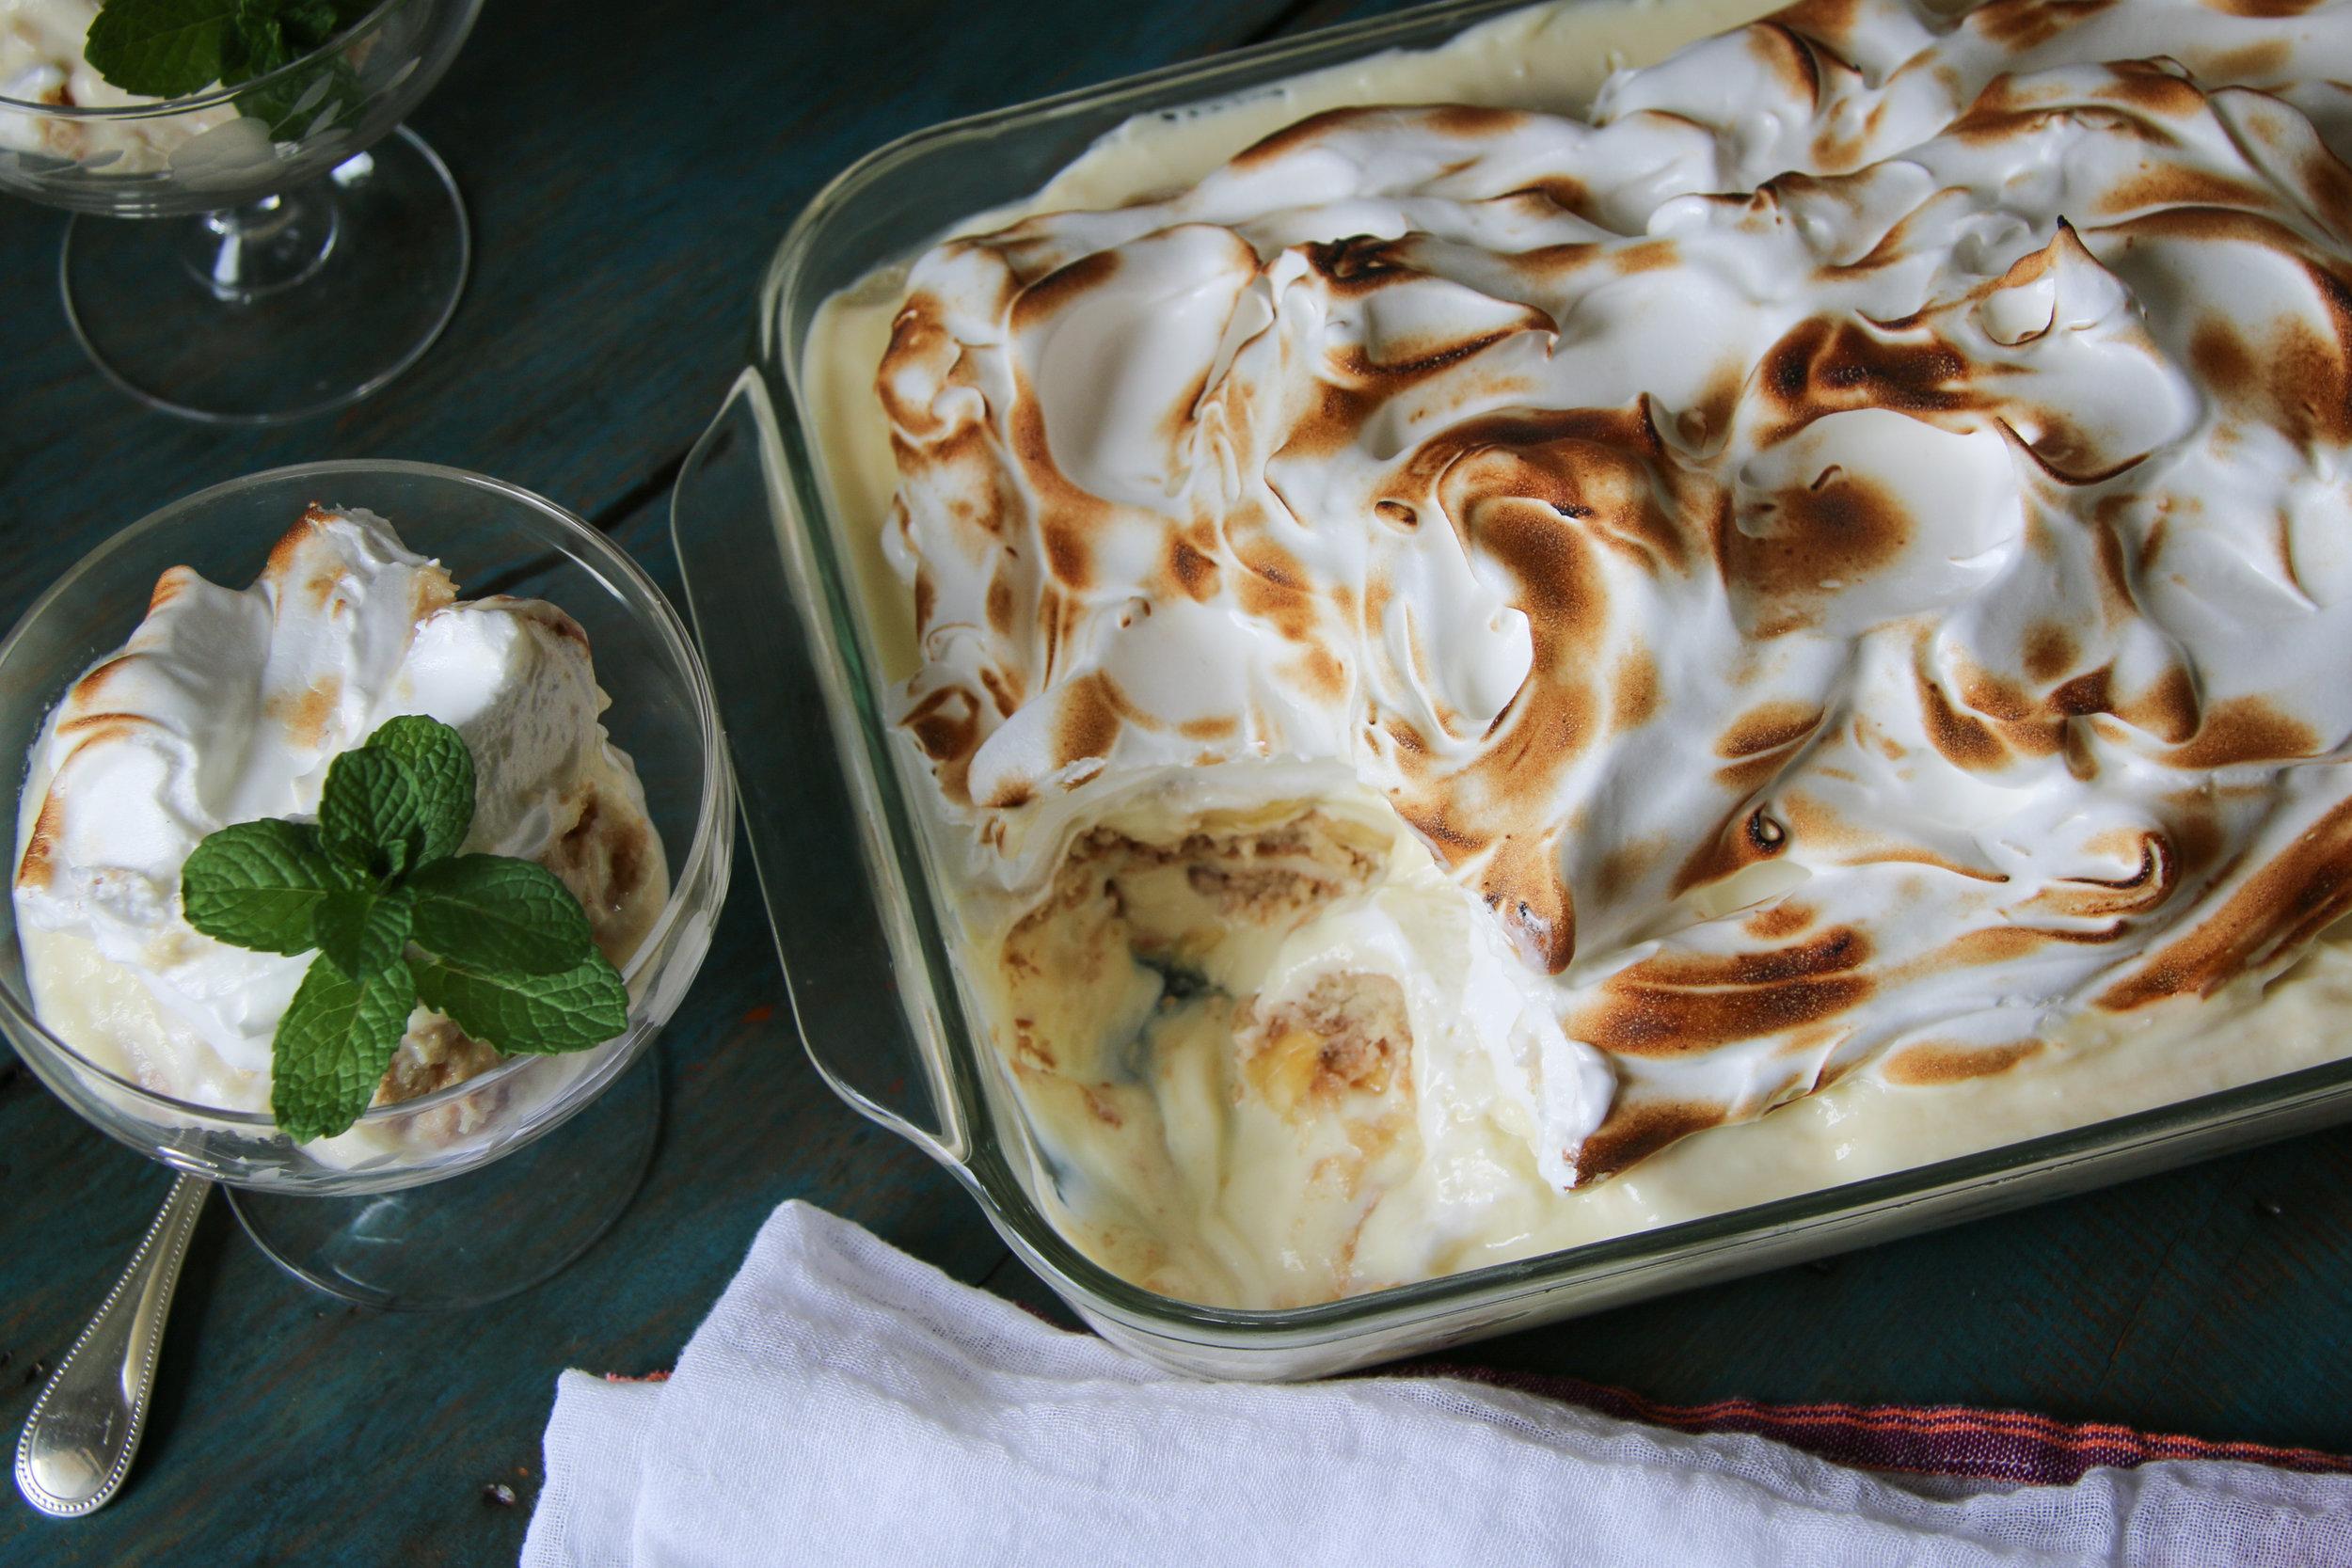 Banana+Pudding+with+Meringue+topping+3176.jpg